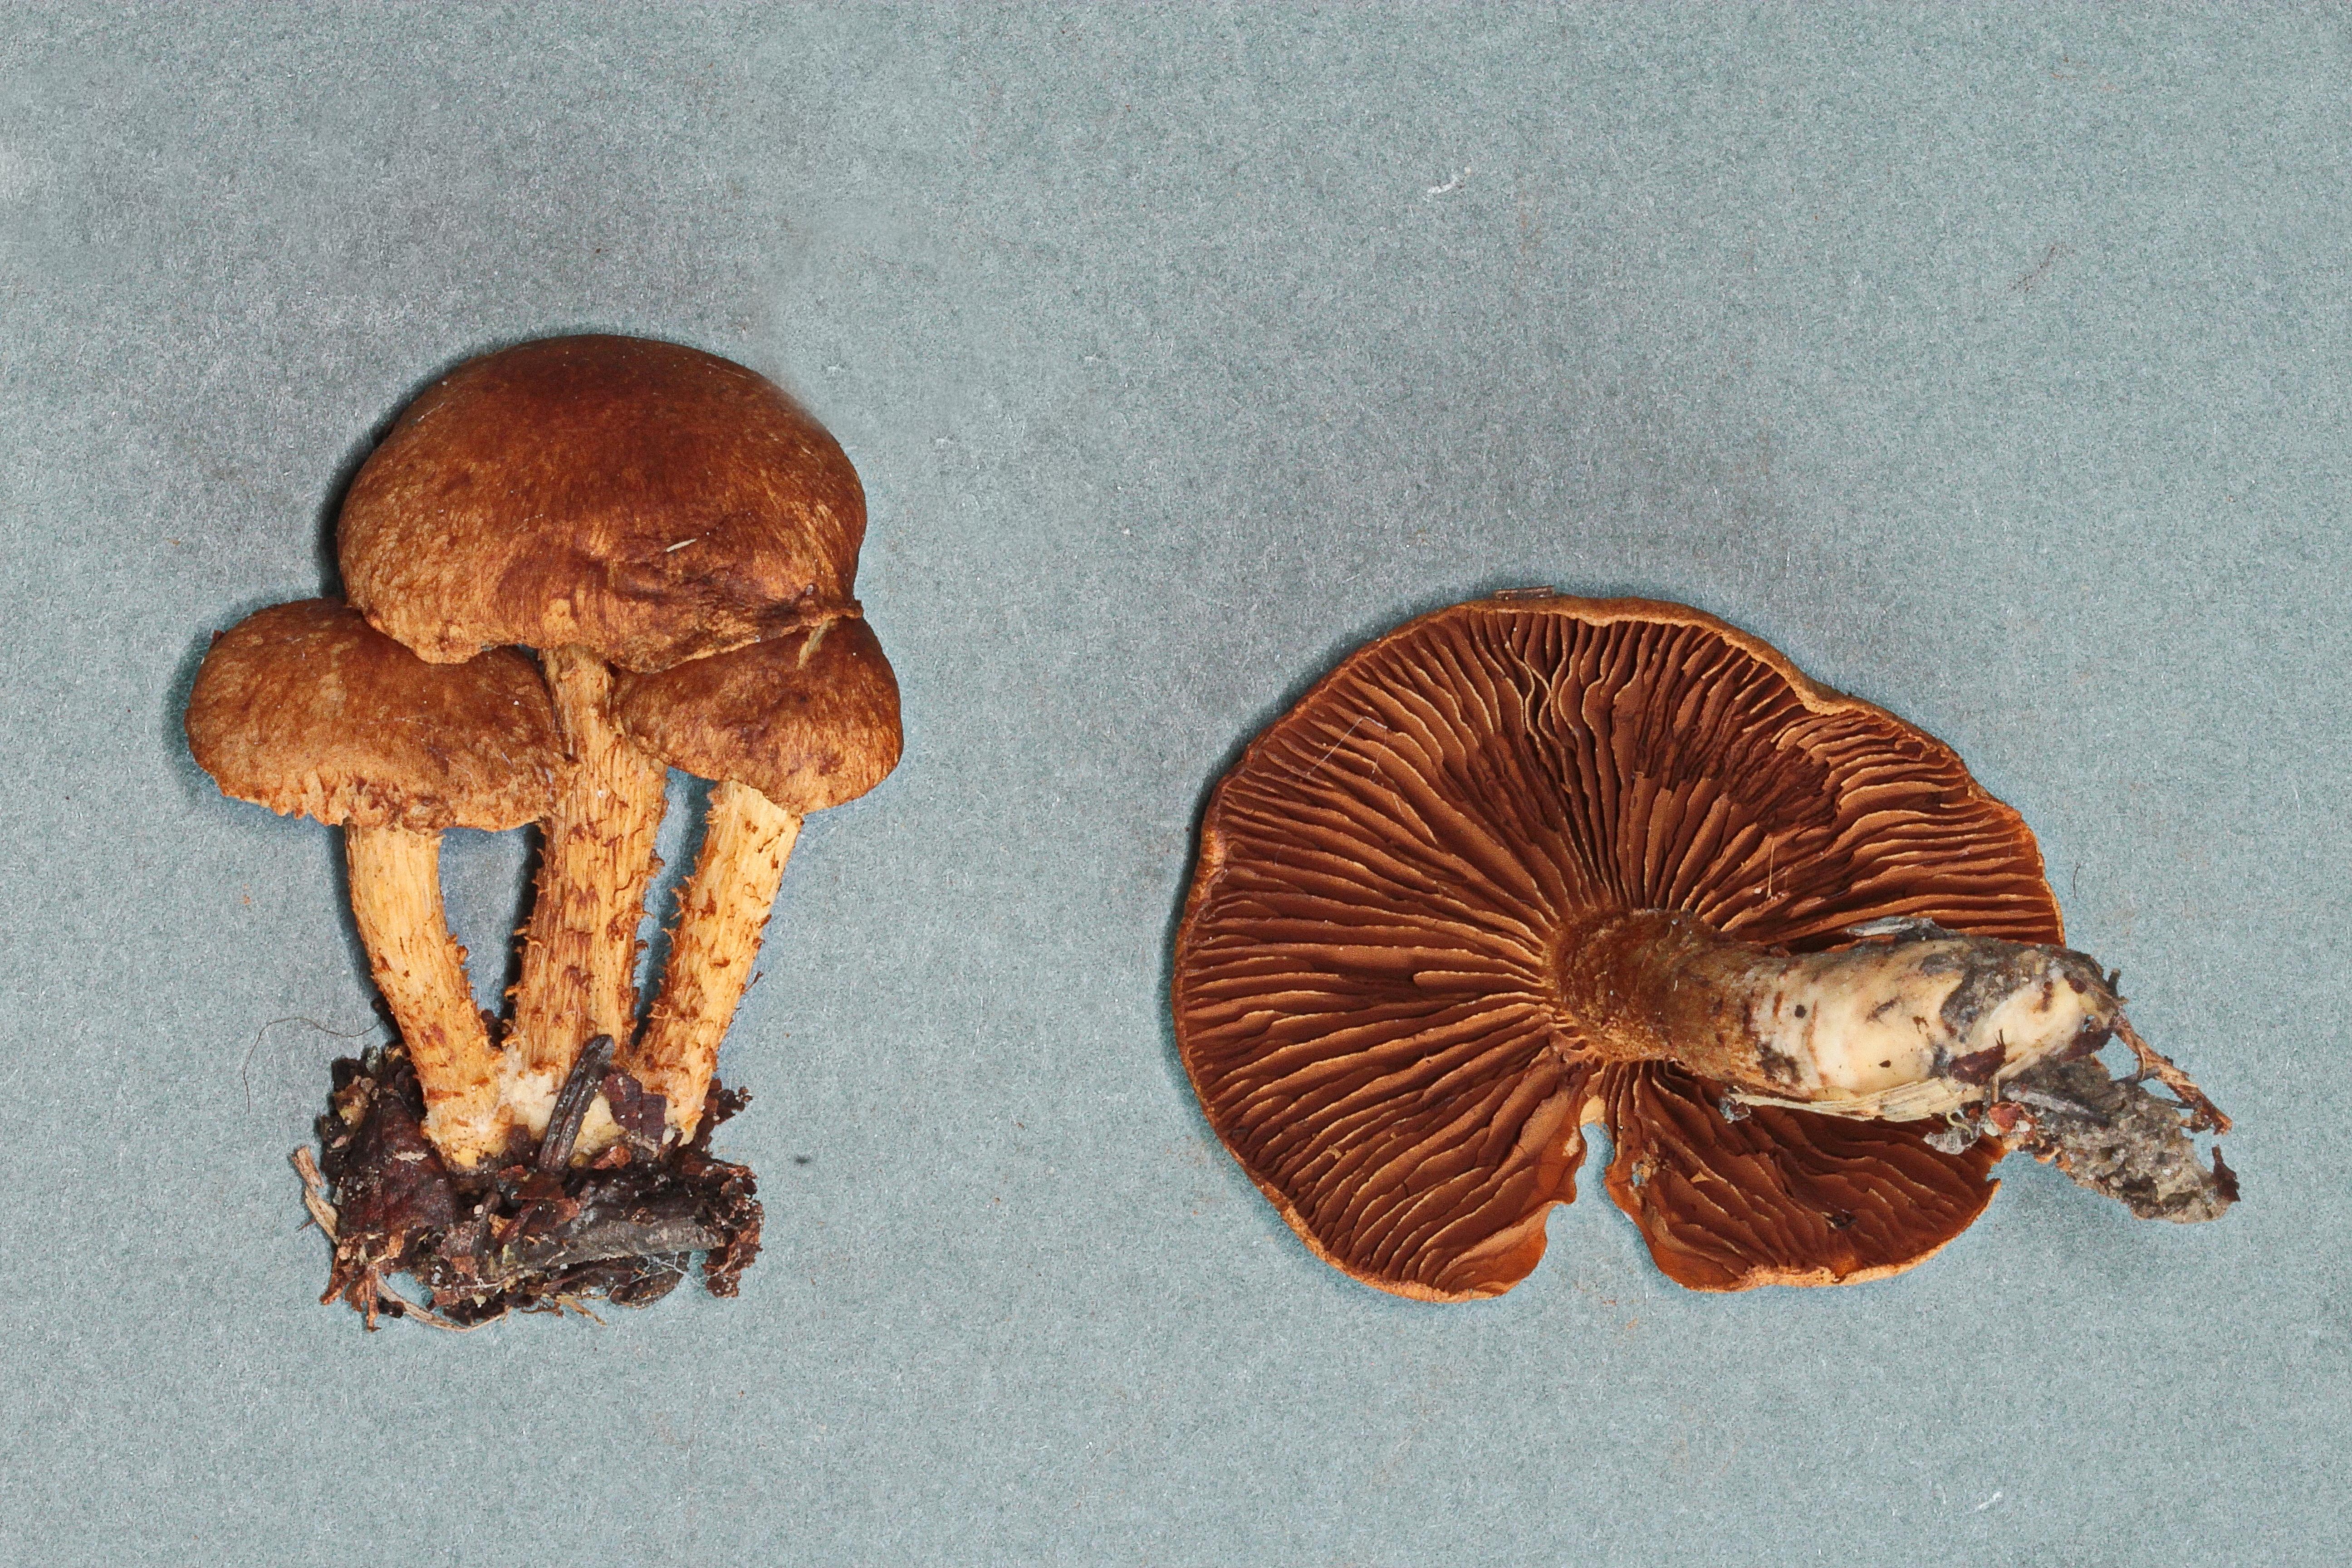 Inocybe terrigena image